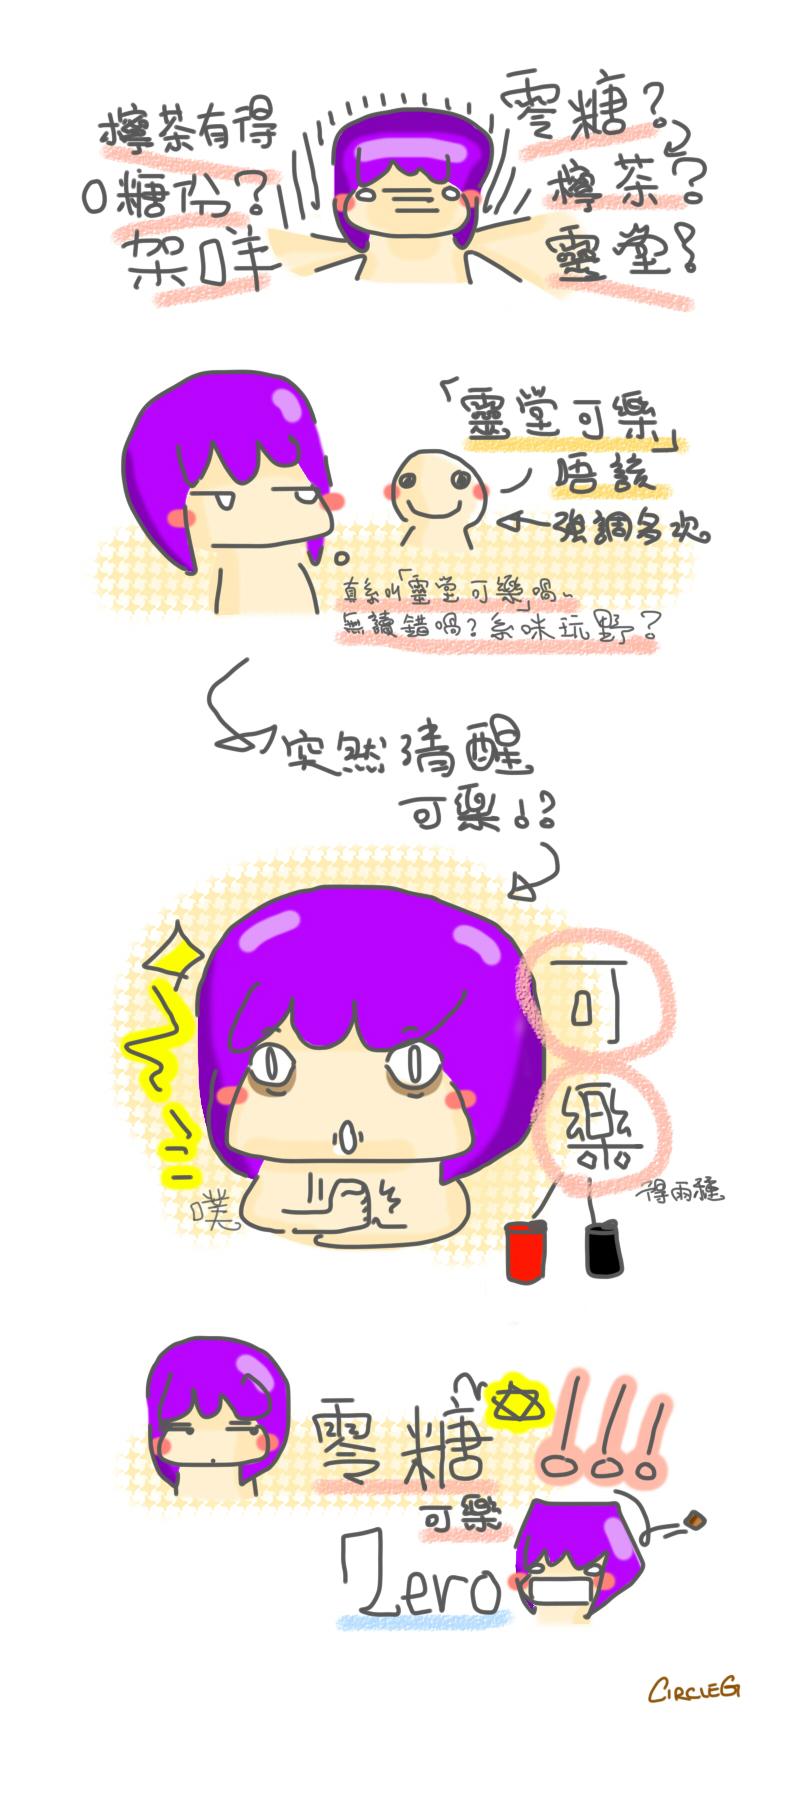 25102016 CIRCLEG 靈堂可樂 定 無糖檸茶 腦點系列 COVER 2